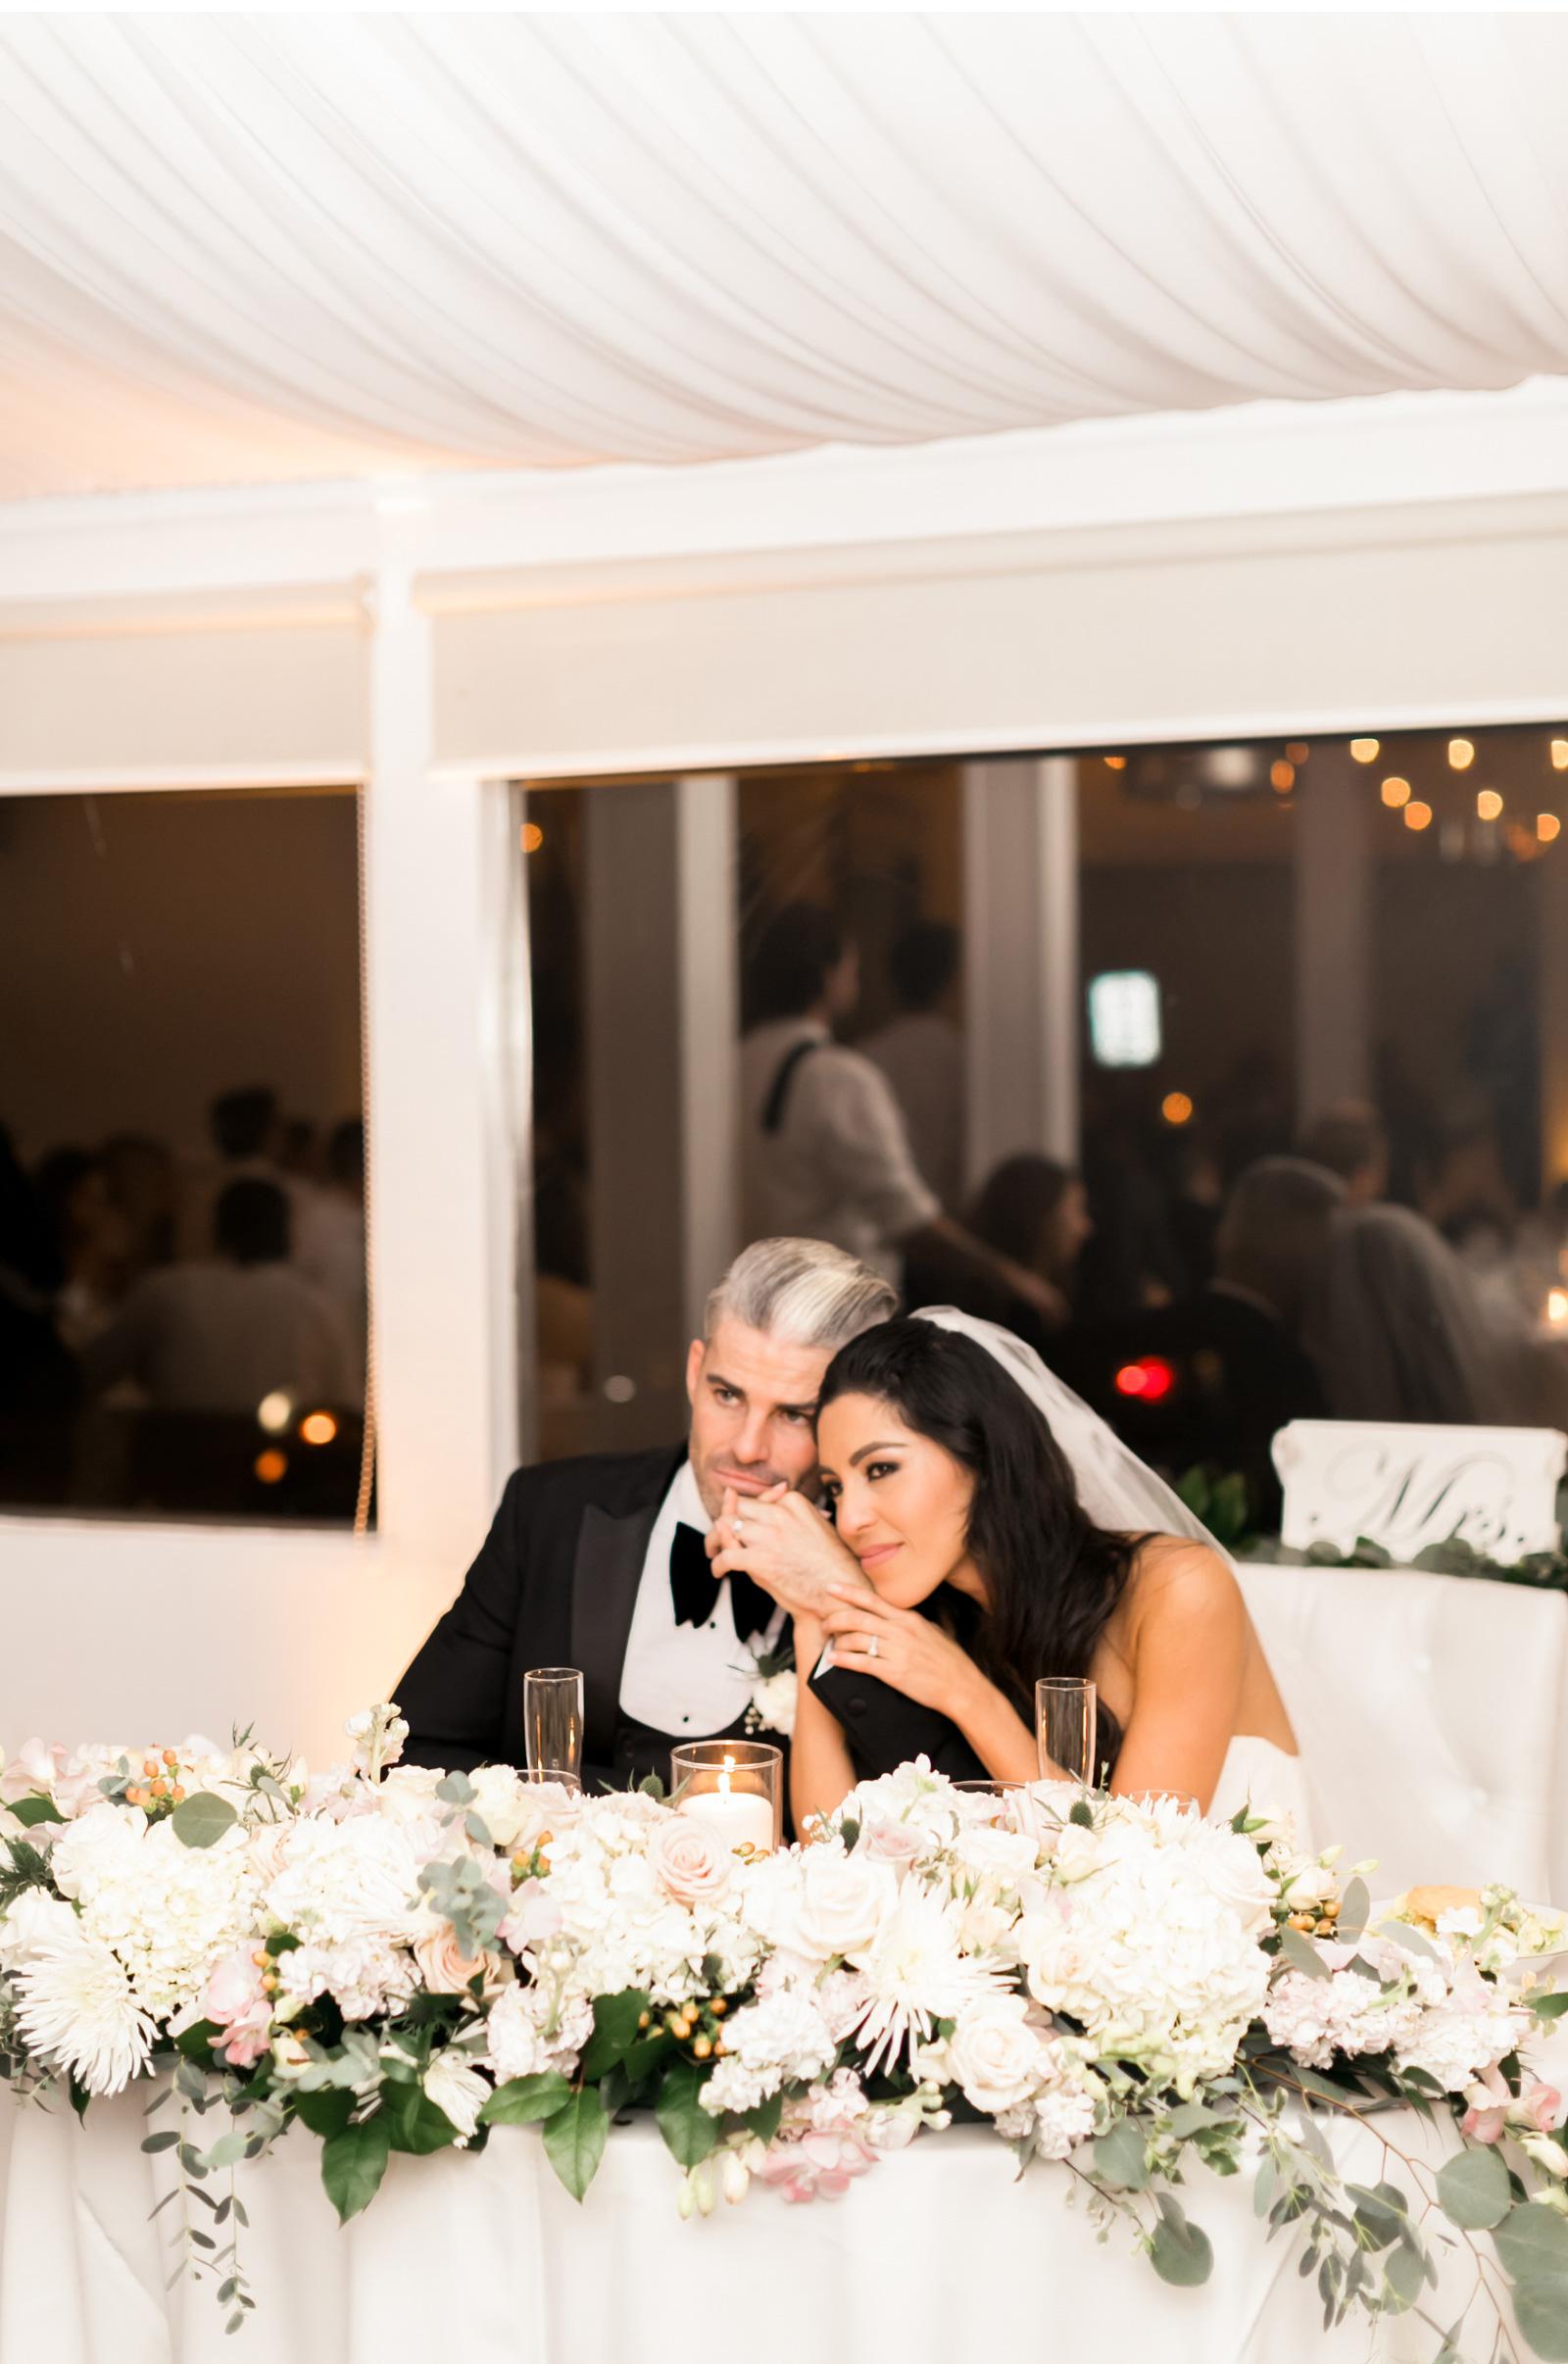 Sunset-Restaurant-Wedding-Natalie-Schutt-Photography_01_14.jpg